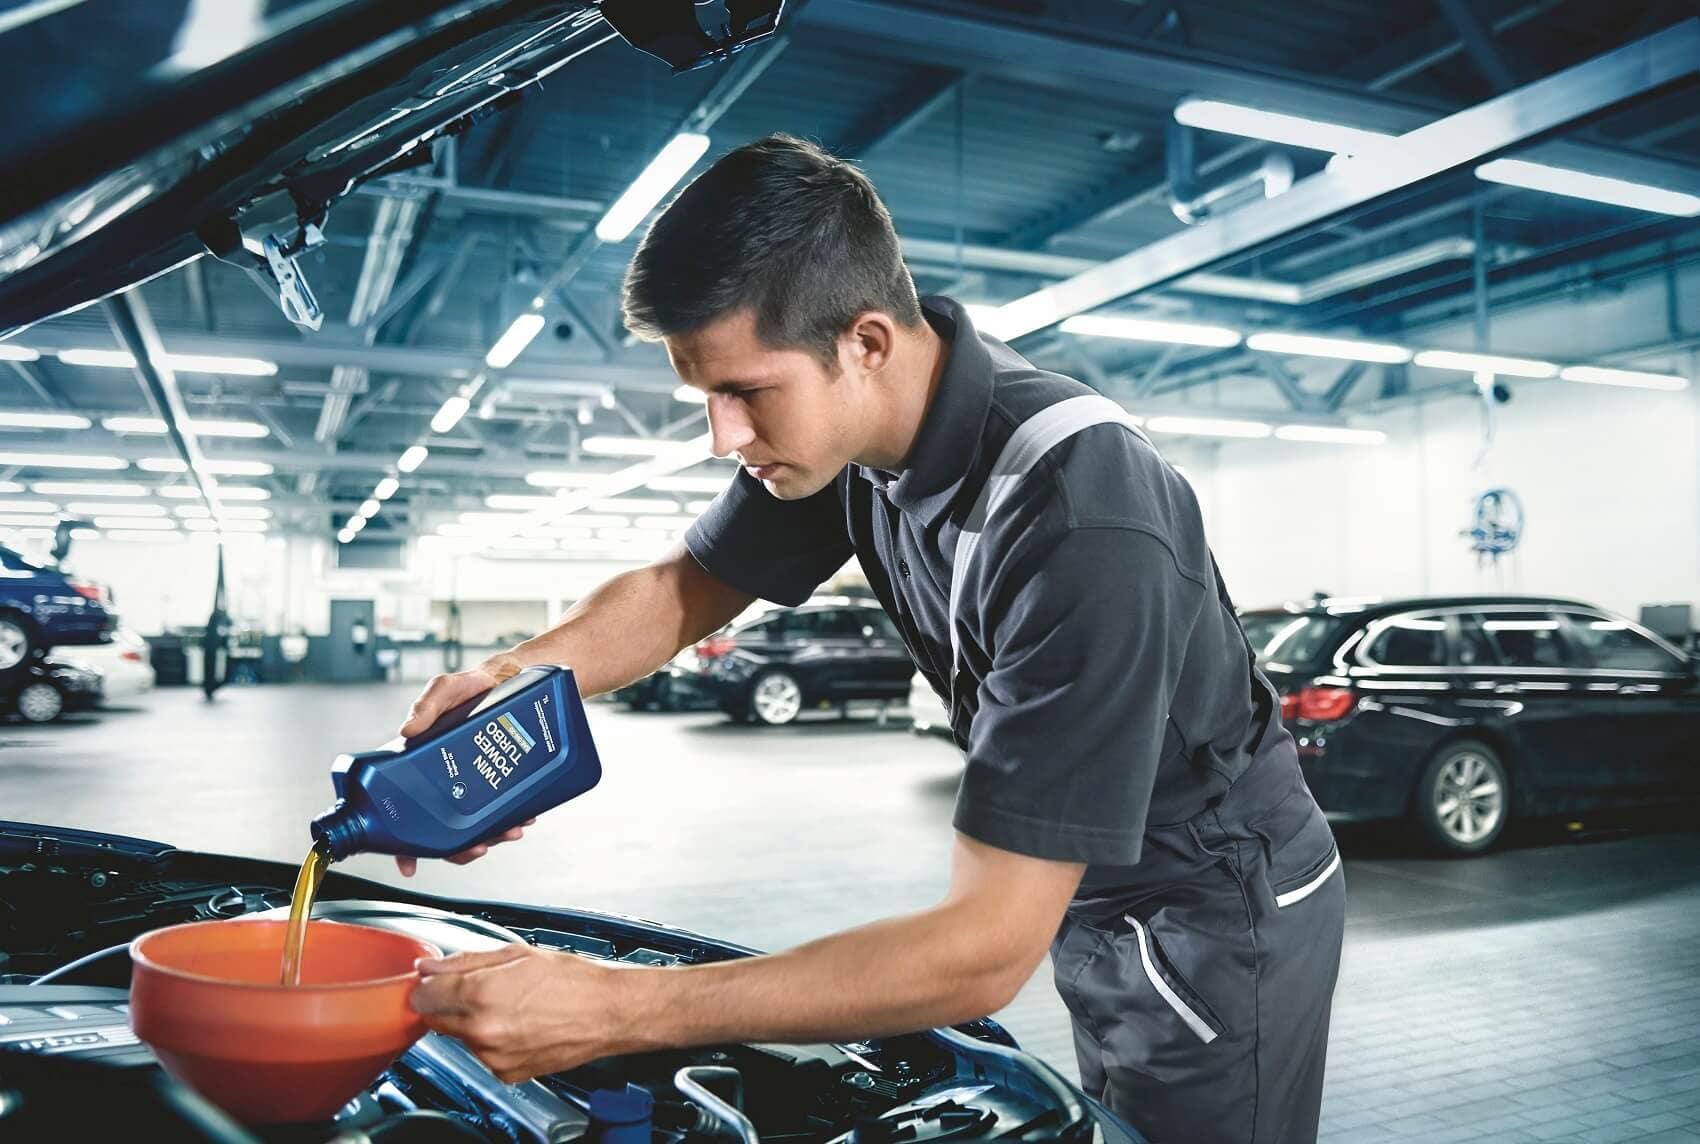 BMW Vehicle Service Center